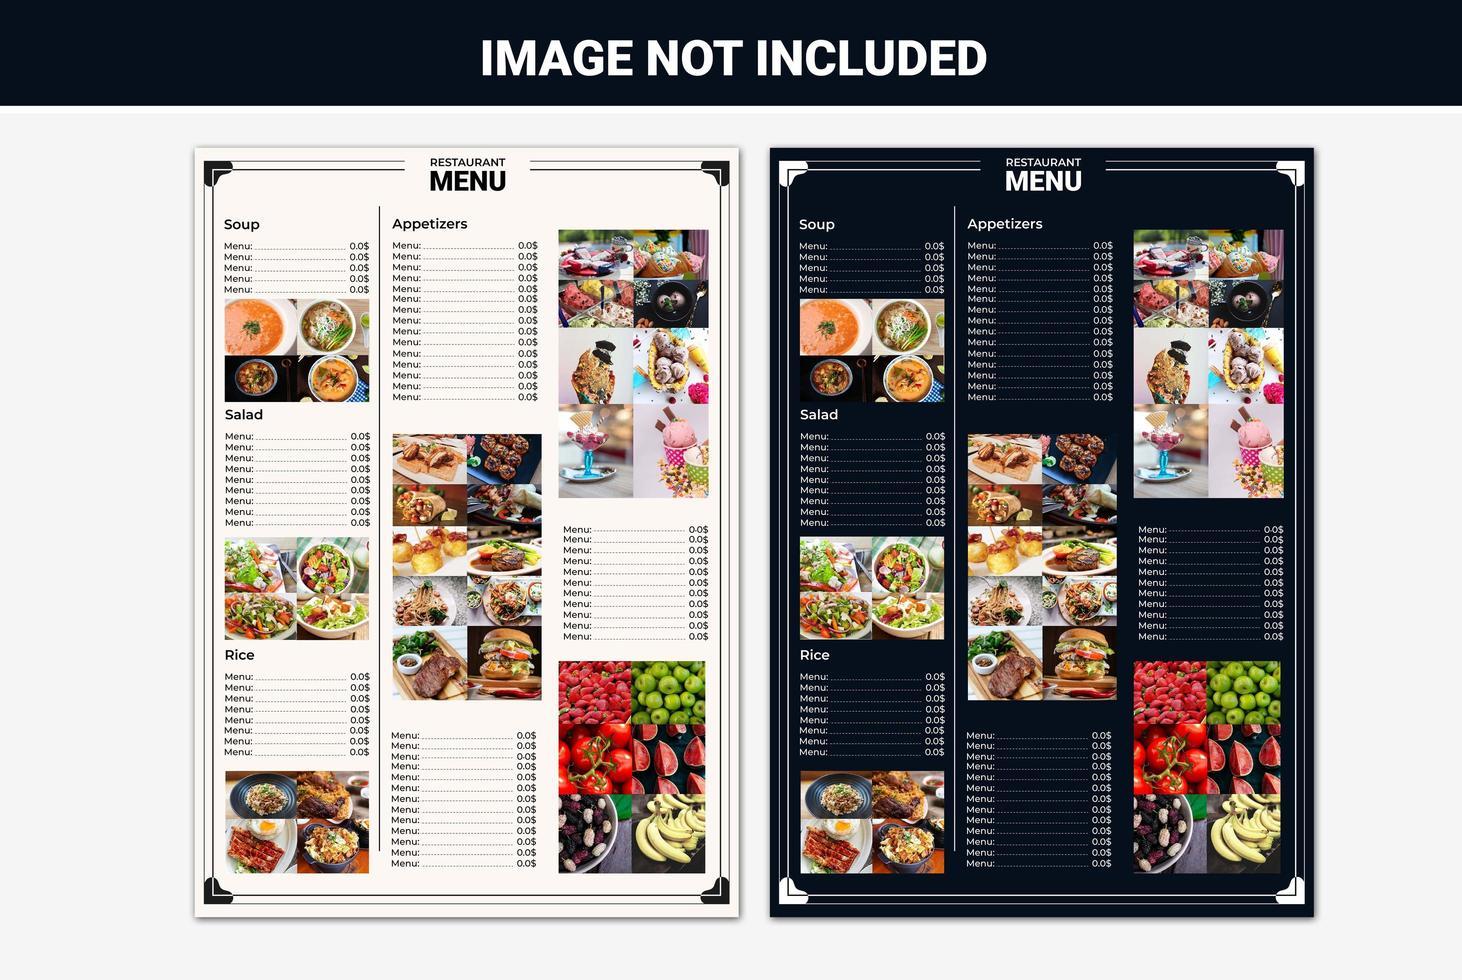 elenco dei menu del ristorante impostato per più immagini vettore